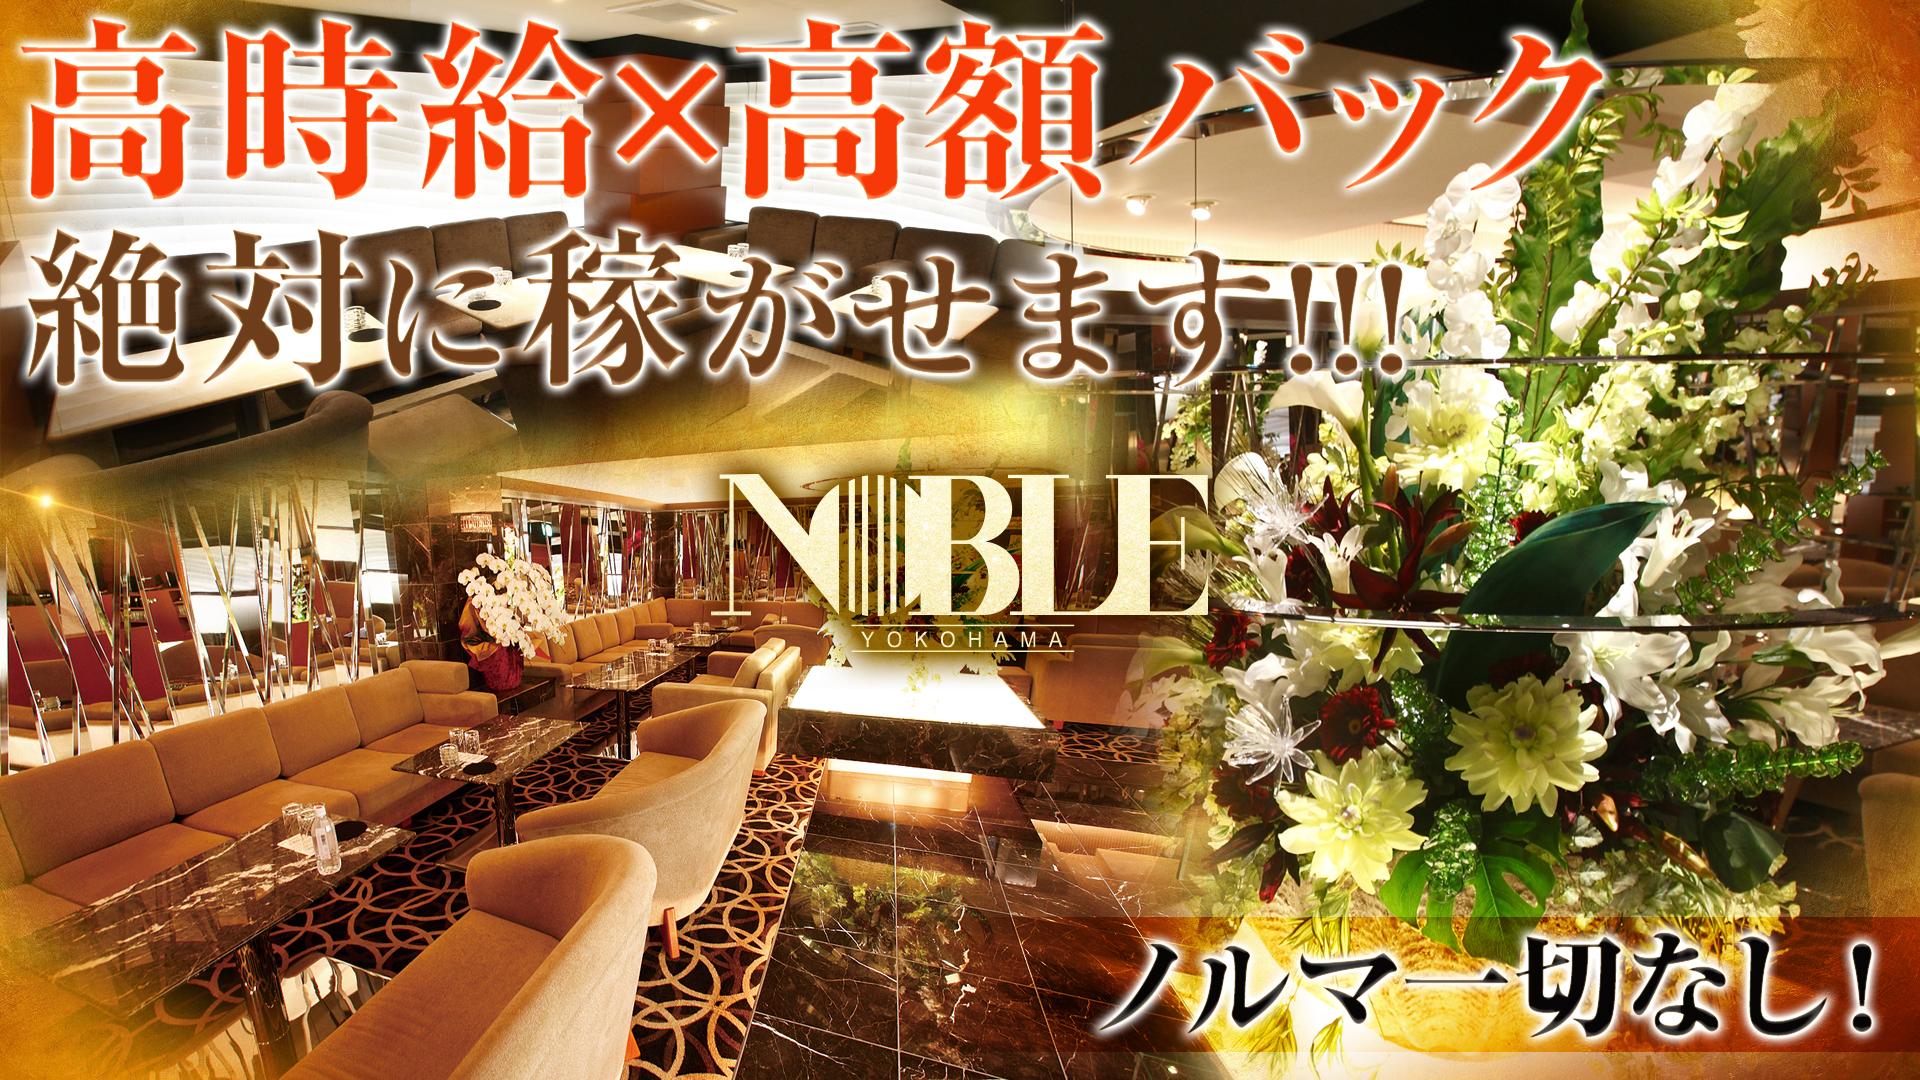 横浜 NOBLE[ノーブル] 横浜 キャバクラ TOP画像